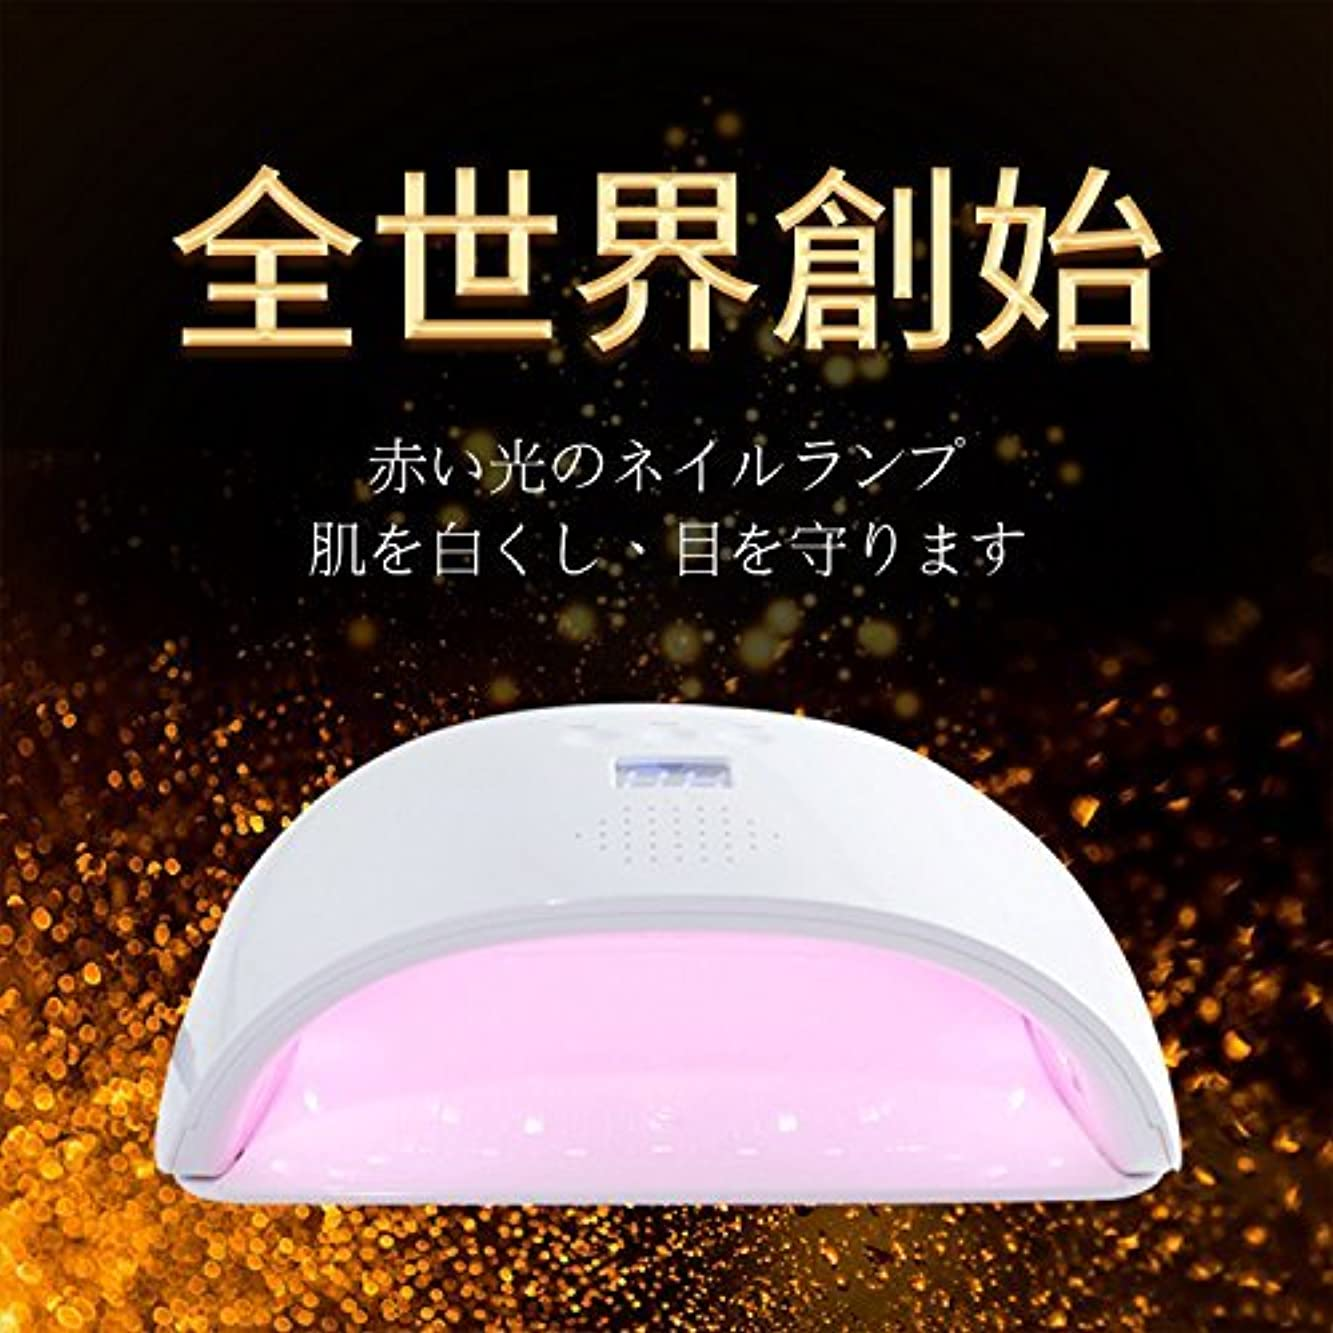 汚い付ける大理石Halicer 48W UV LED ネイルドライヤー 人感センサー 自動オンオフ 30S/60S/90Sタイマー設定 取り外し式 手と足両用 22粒UV LDEダブルライト